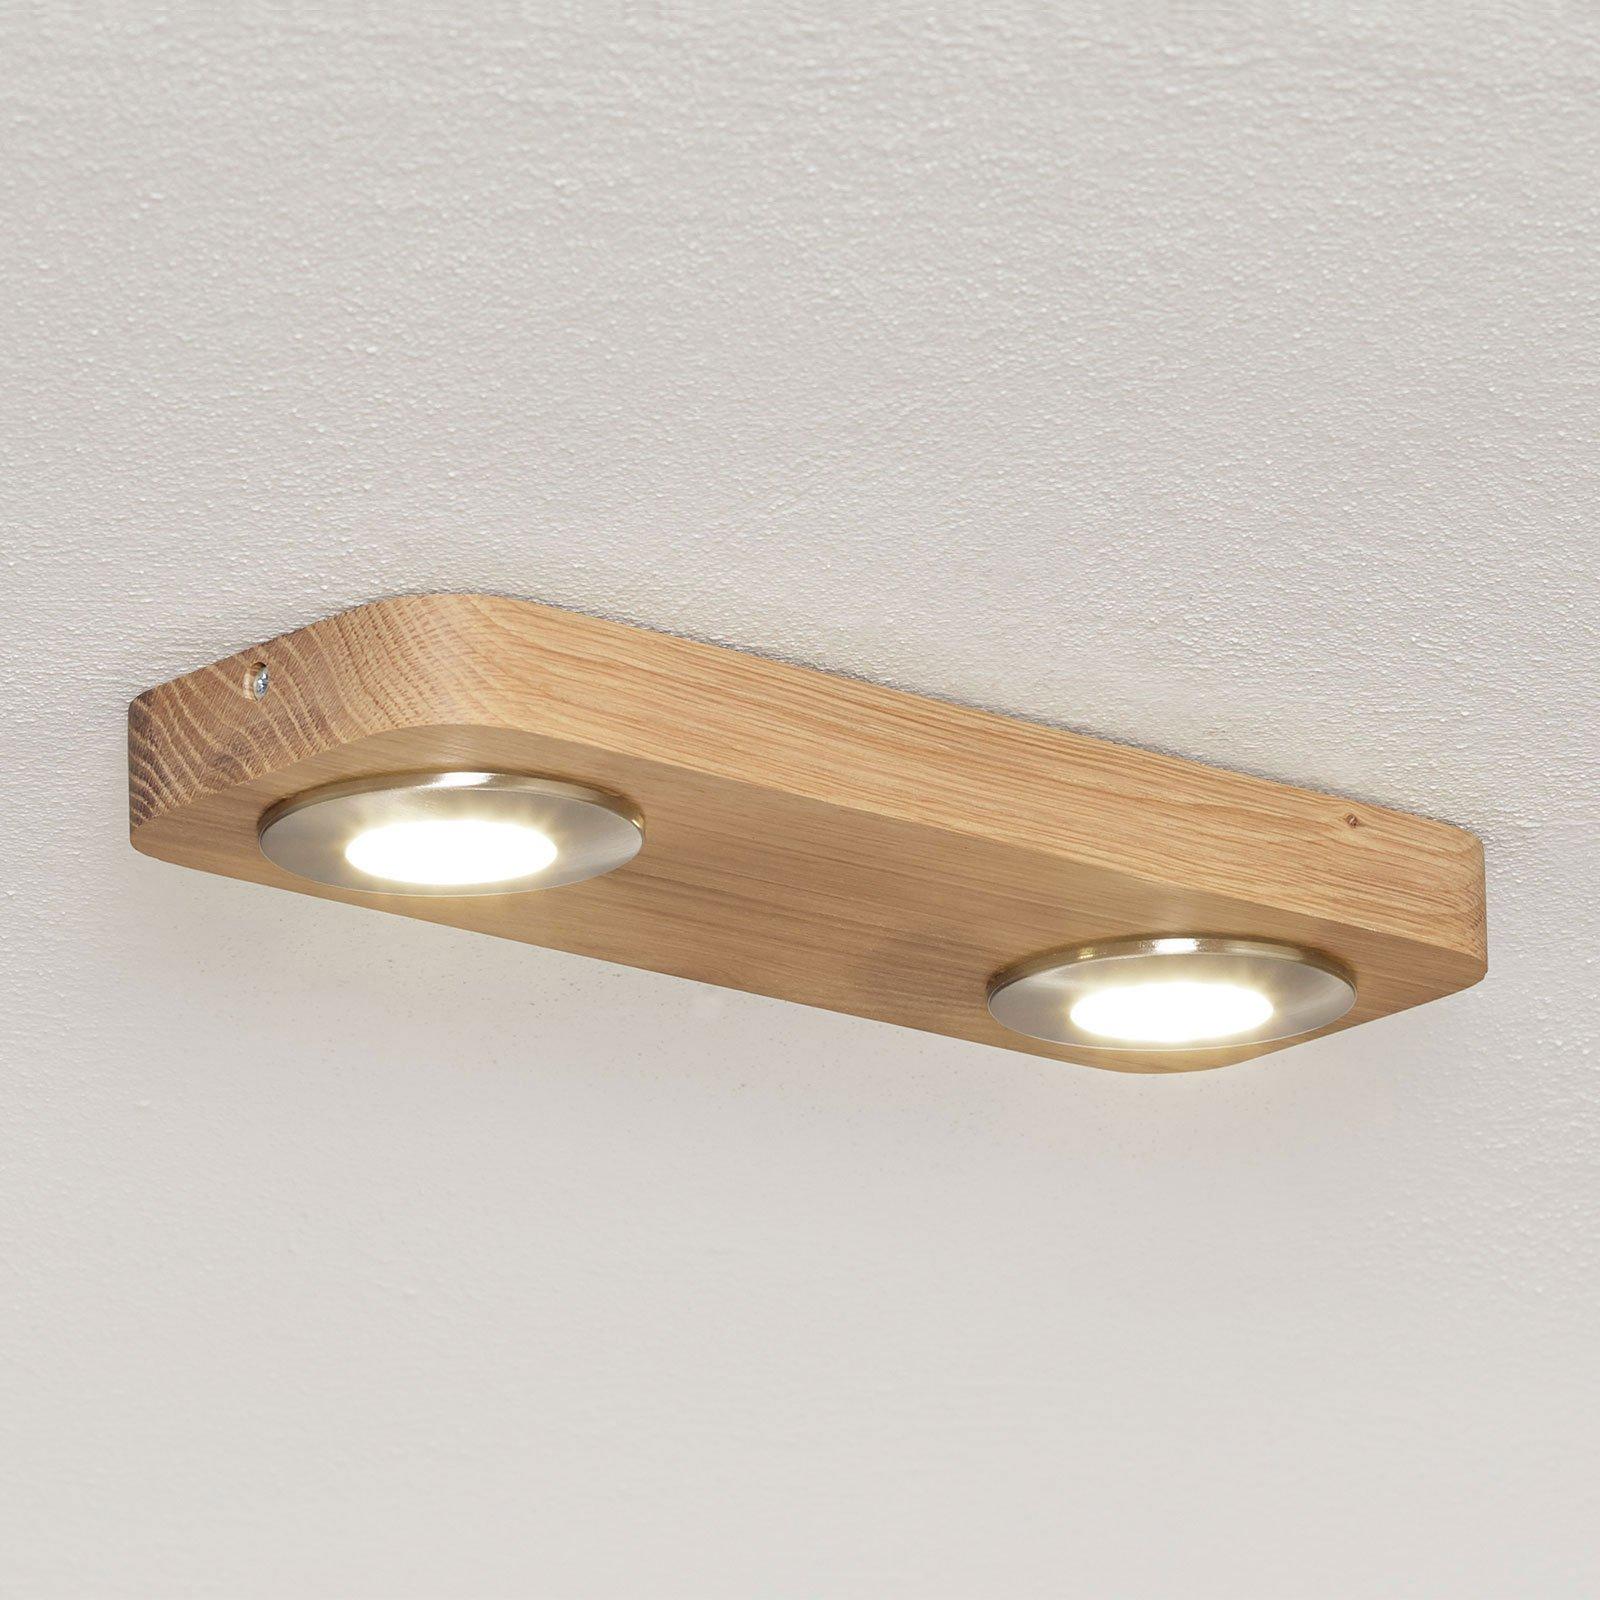 LED-taklampe Sunniva i naturlig tre